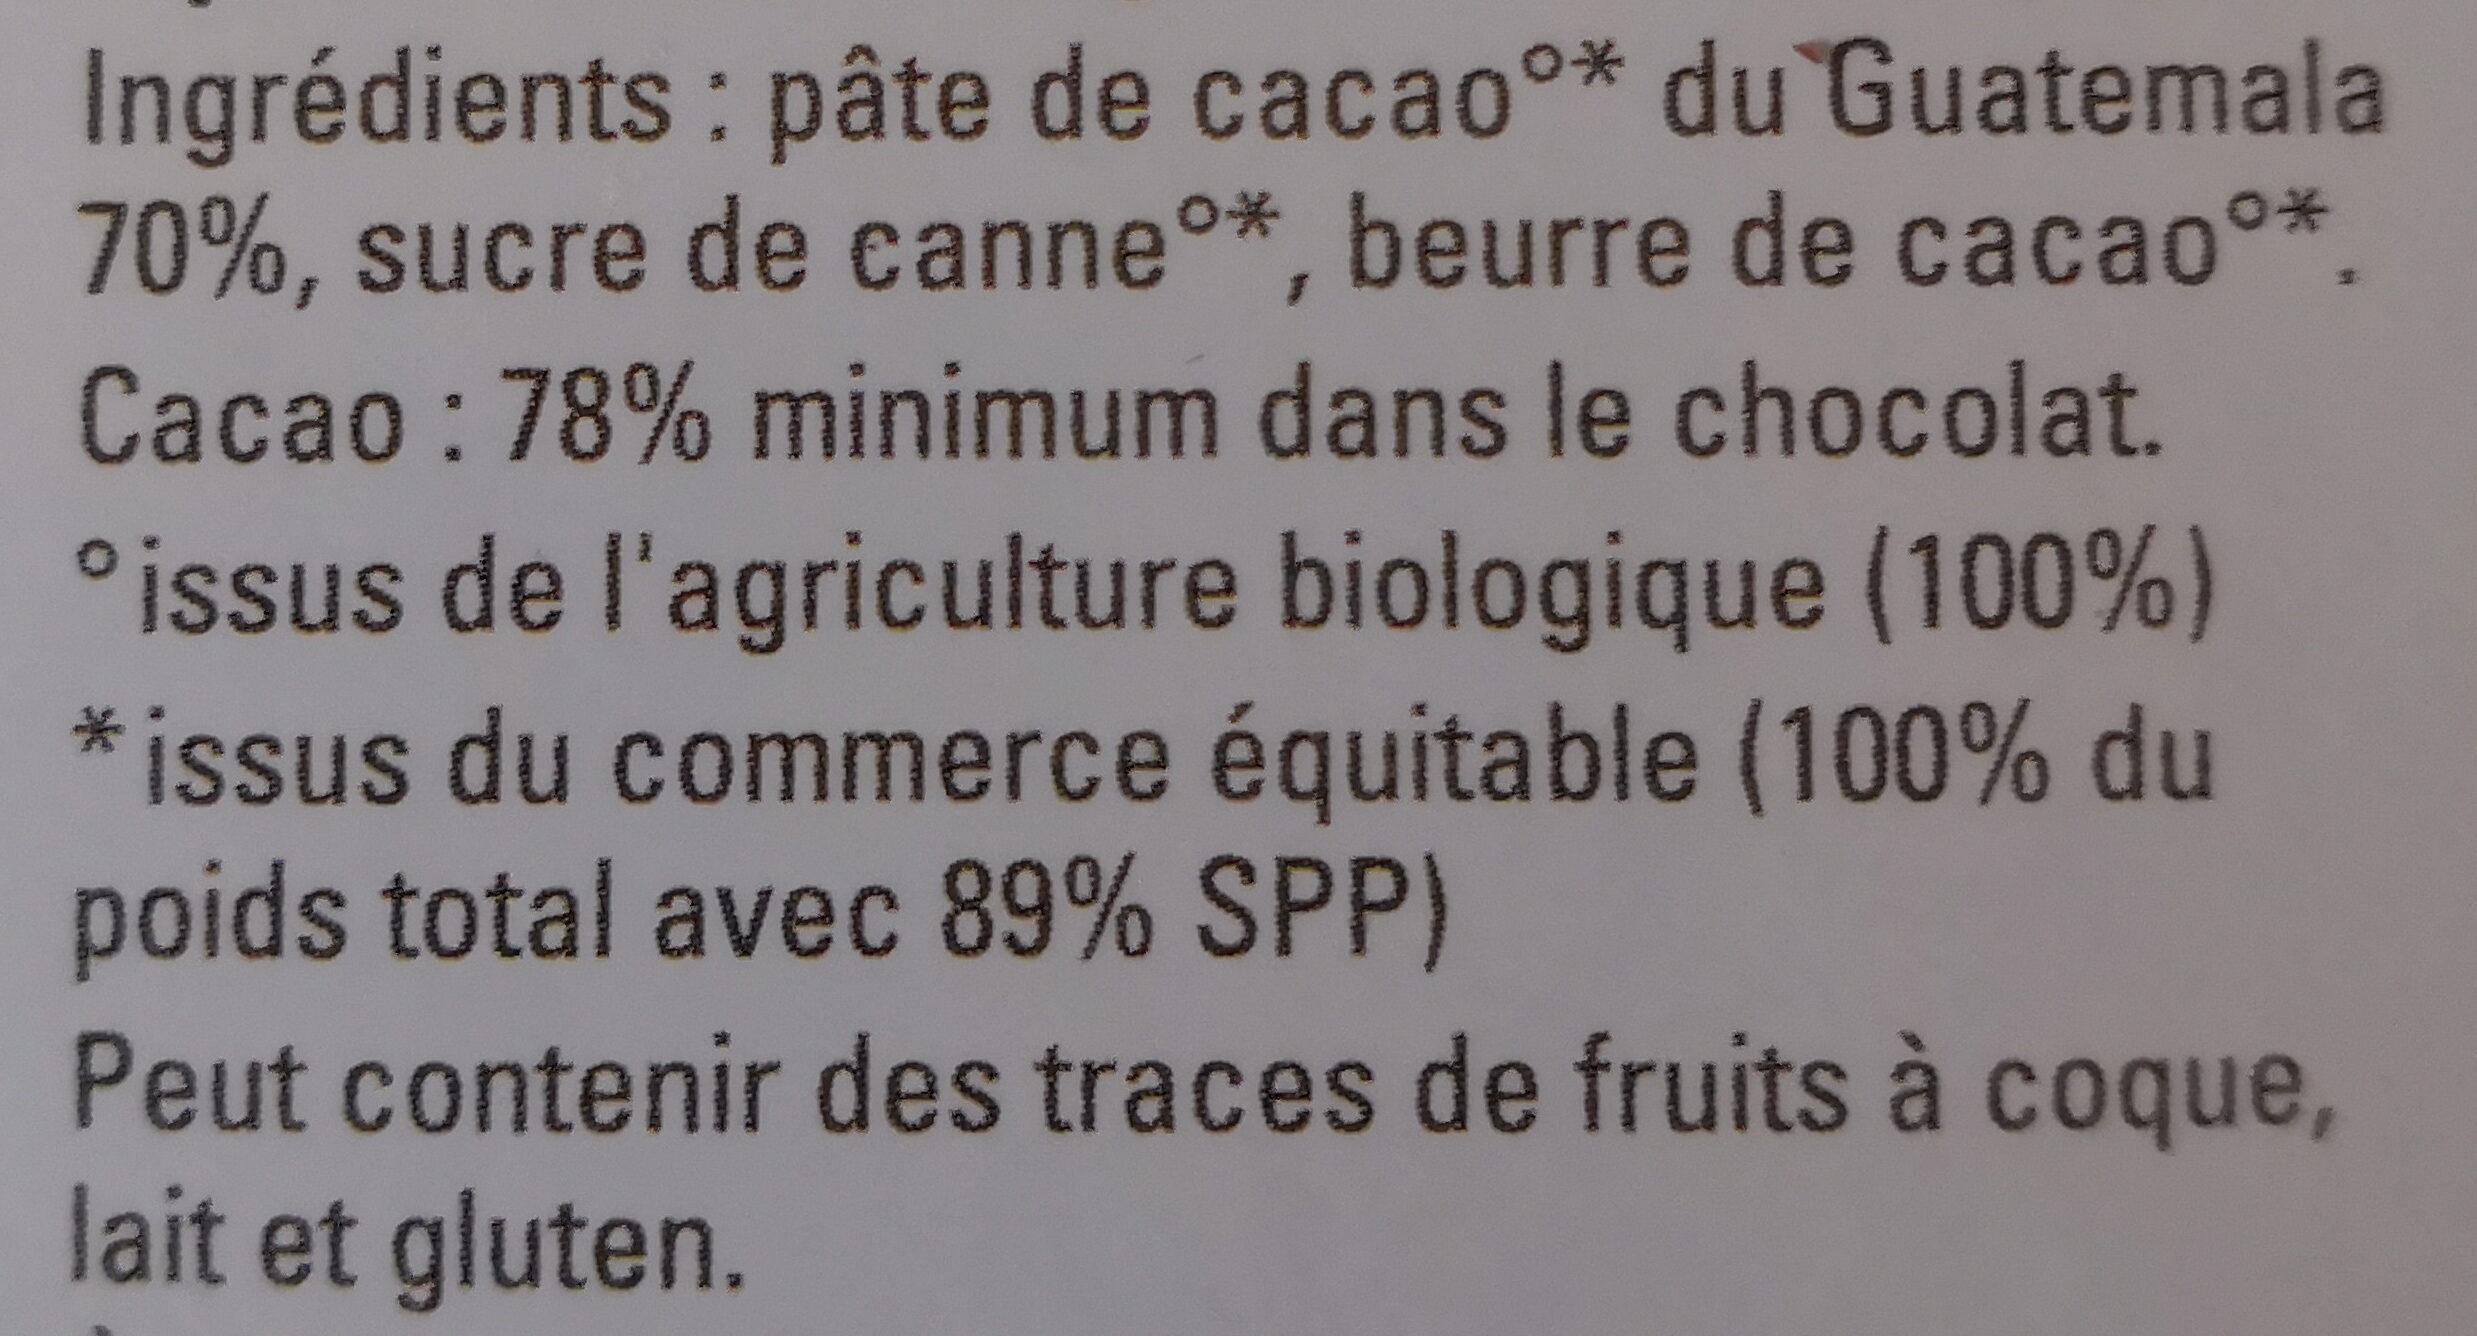 Guatemala chocolat - Ingredients